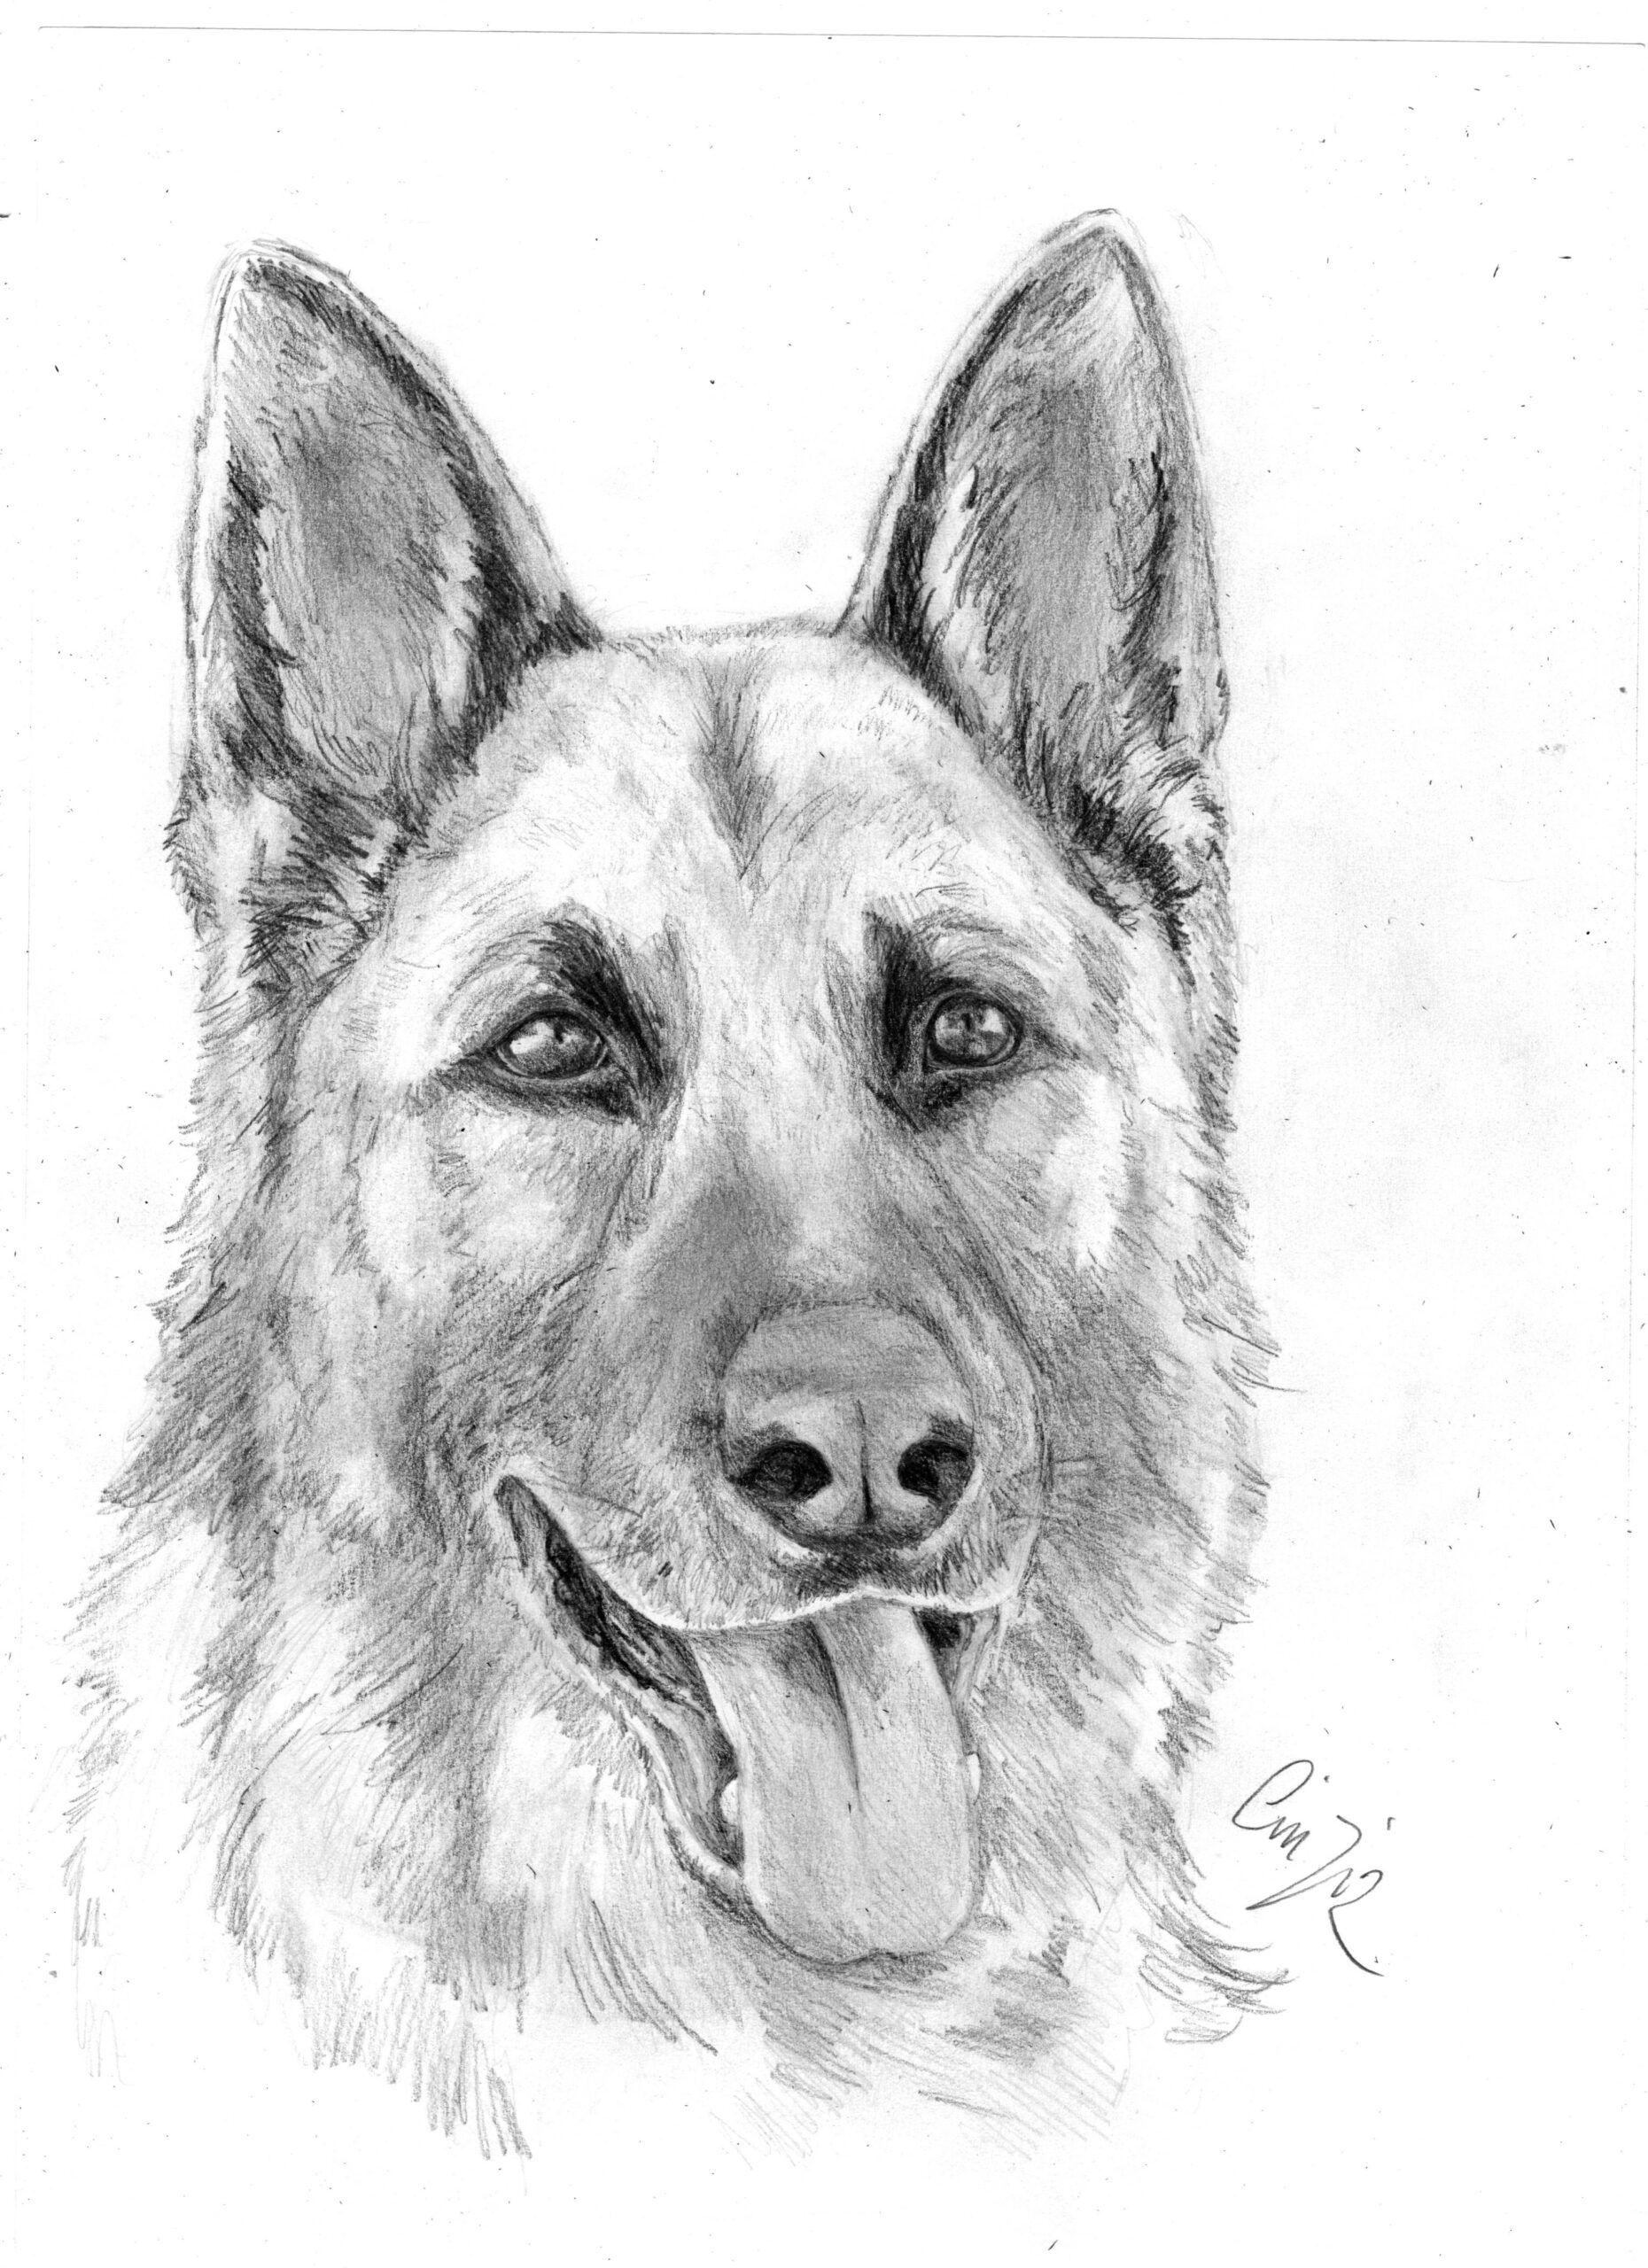 Disegni Difficili Da Colorare Fantastico Disegni Di Cane Difficili Da Colorare Coloratutto We Nel 2020 Disegni Di Cane Arte Di Cani Disegni